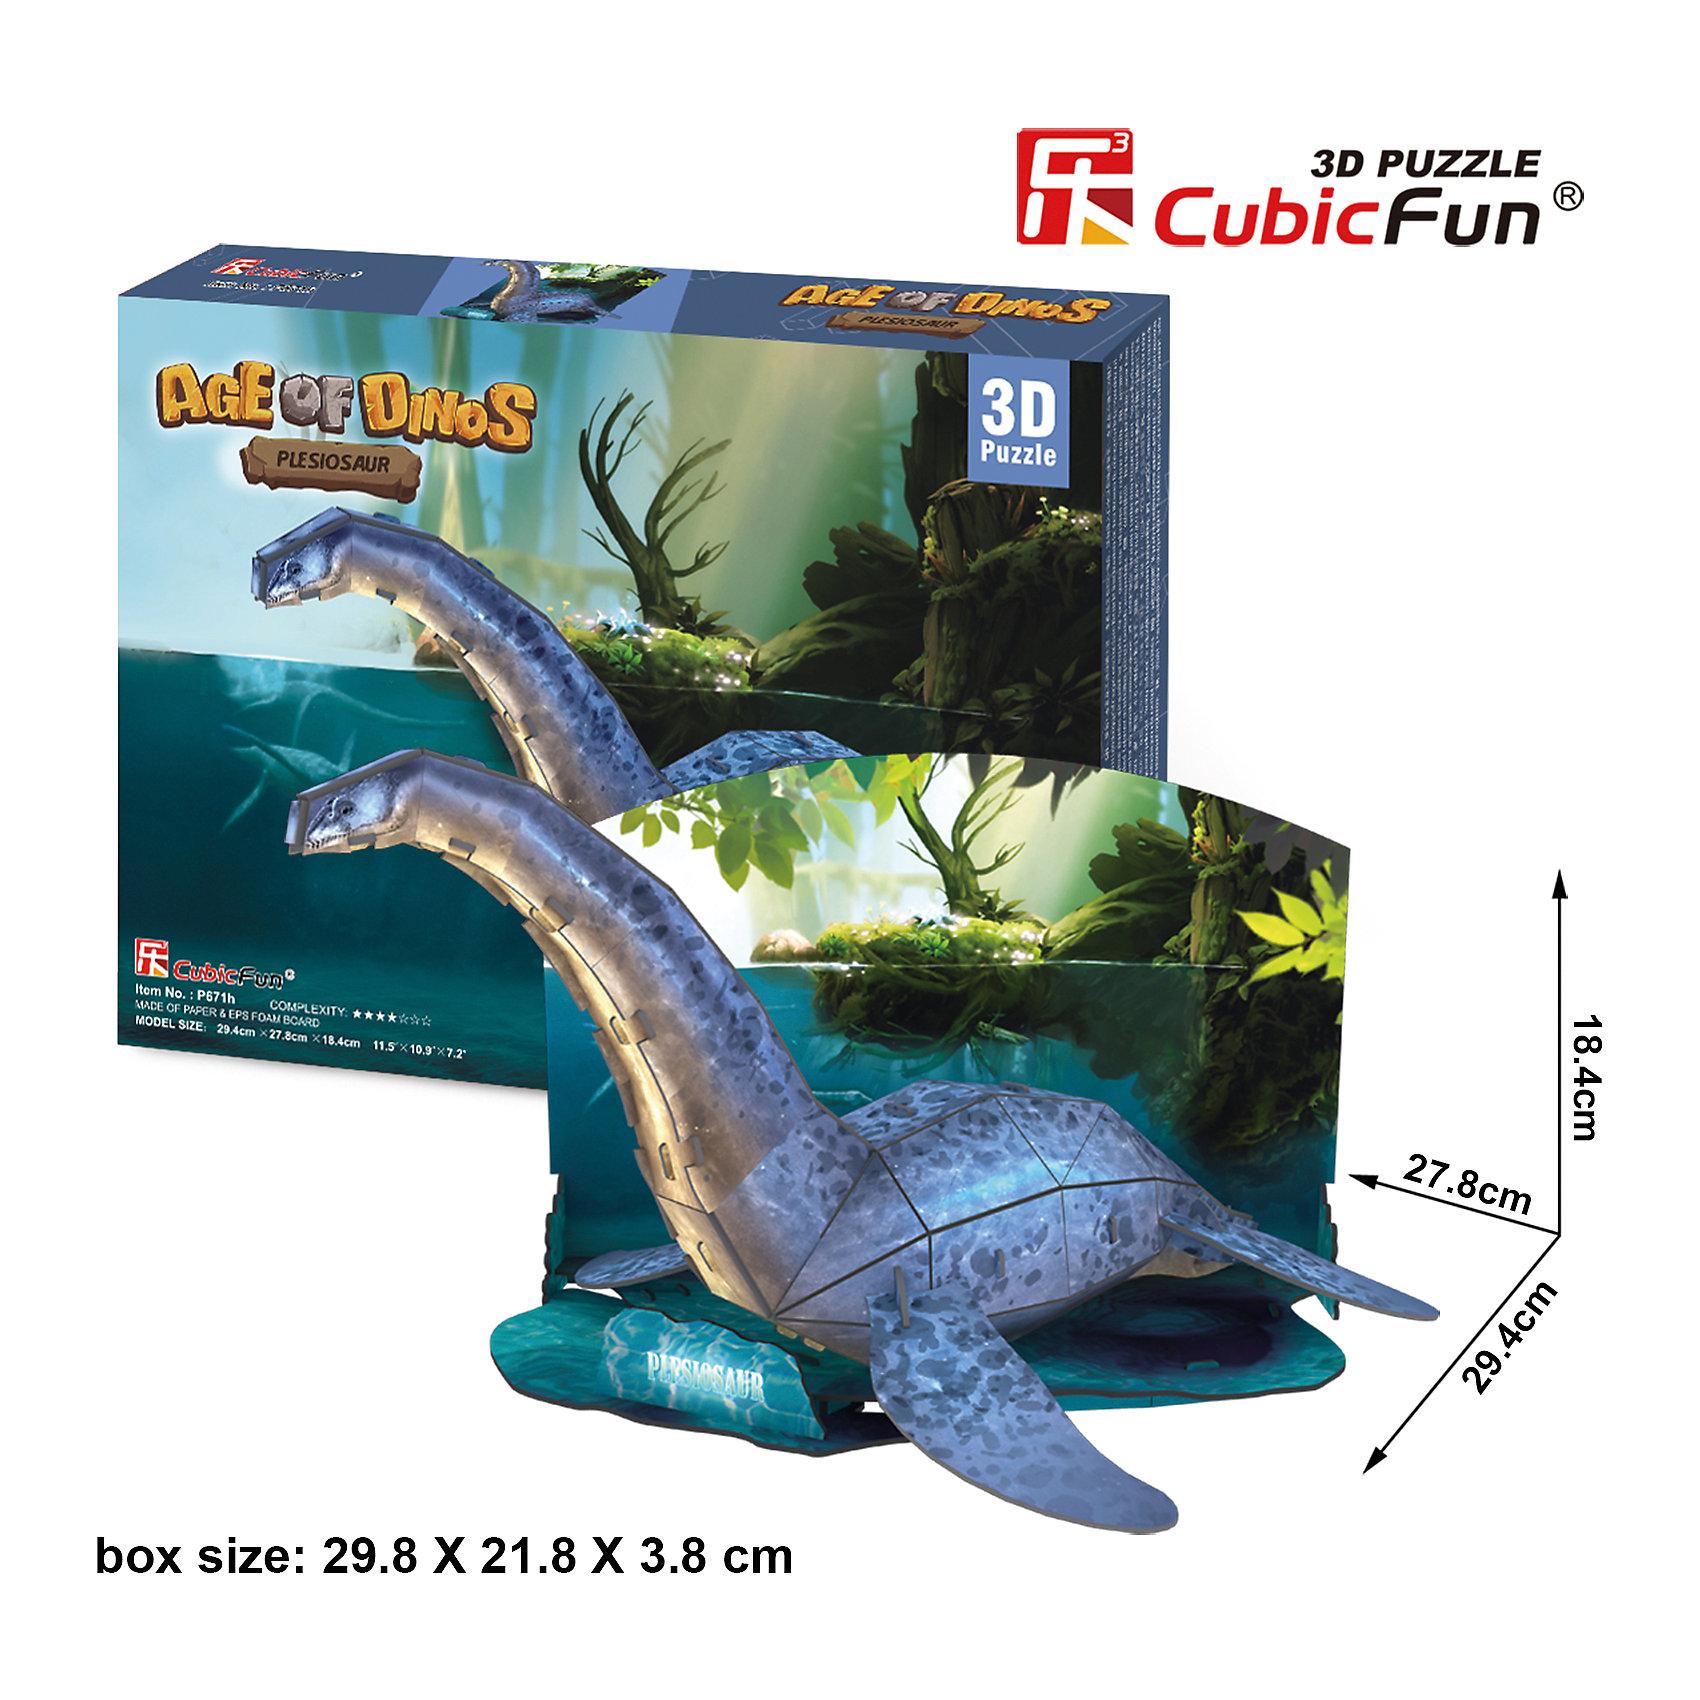 Пазл 3D Эра Динозавров Плезиозавр, CubicFunПлезиозавр был хищным динозавром, хорошо приспособленным к жизни в водоемах. Появились они в морях с начала юры и существовали до конца мелового периода. Соединив 38 деталей из высококачественного ламинированного картона, вы получите фигуру плезиозавра, стоящего в небольшом водоеме, а вокруг доисторический лес.<br><br>Размеры набора в собранном виде достигают 29 сантиметров в длину и 18 в высоту. Для сборки не требуются инструменты и клей.<br><br>Ширина мм: 300<br>Глубина мм: 220<br>Высота мм: 40<br>Вес г: 392<br>Возраст от месяцев: 96<br>Возраст до месяцев: 192<br>Пол: Унисекс<br>Возраст: Детский<br>SKU: 4951161